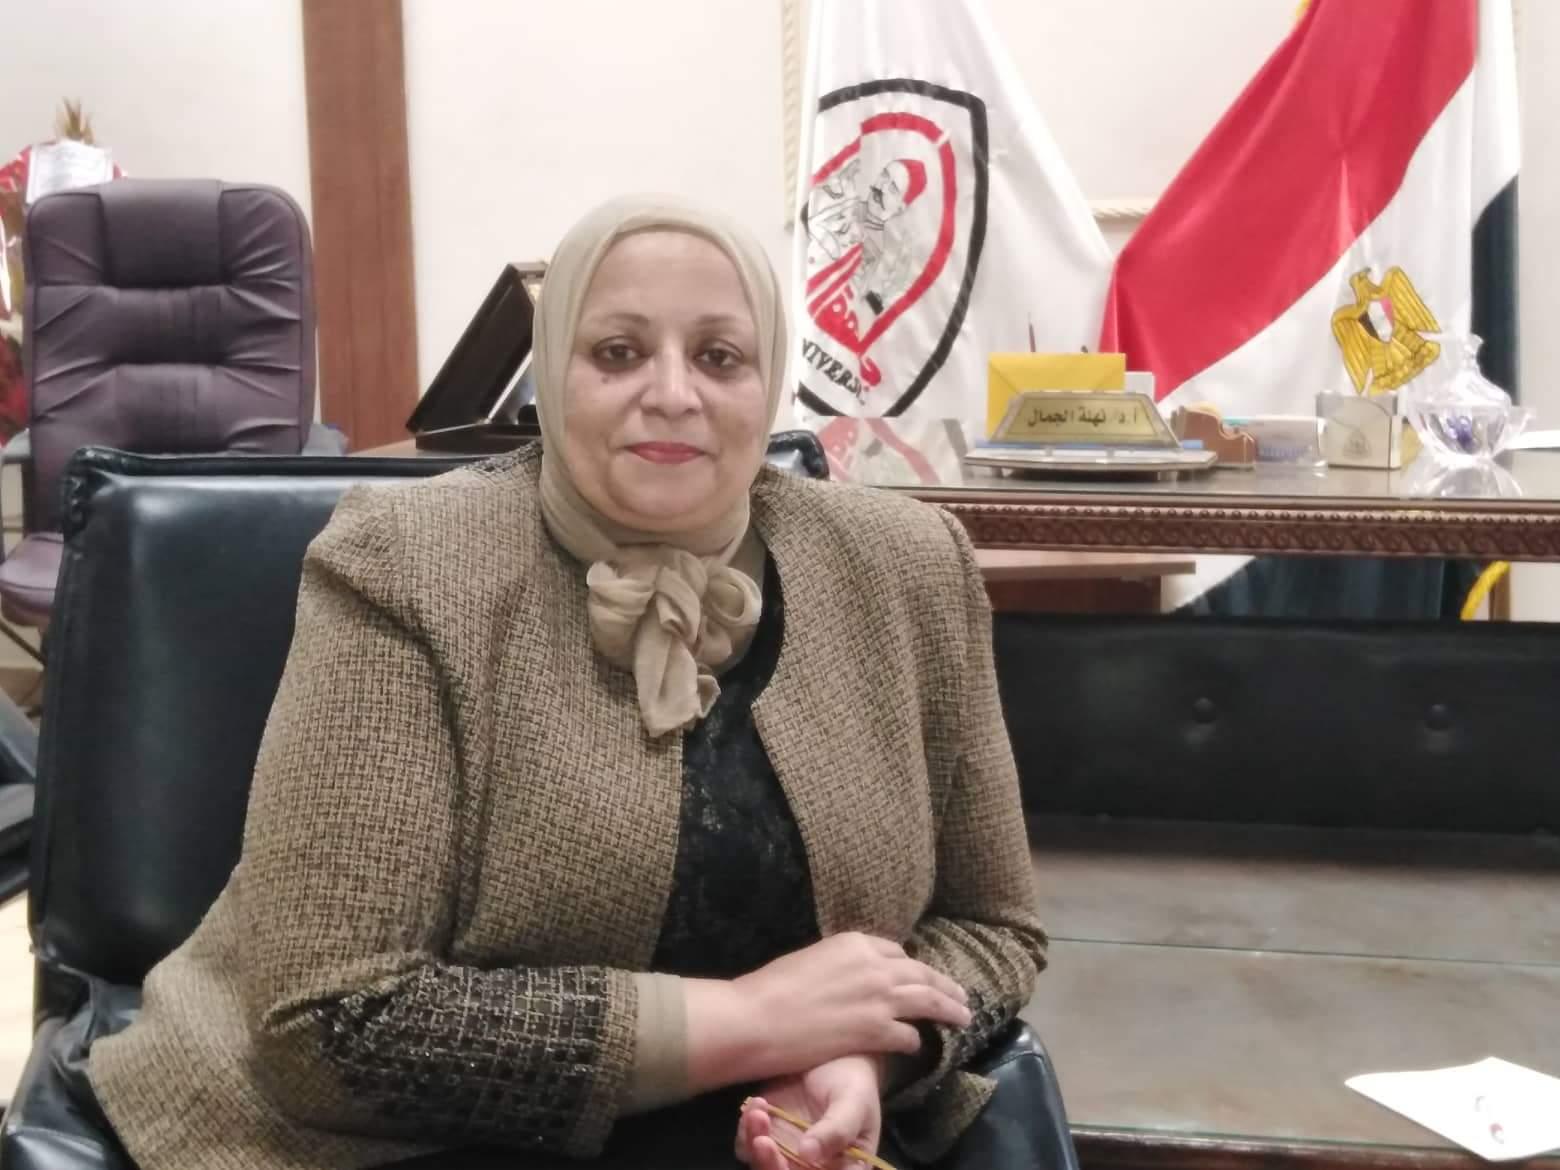 حملة الكشف المبكر عن أورام الثدي تواصل أعمالها بمستشفيات جامعة الزقازيق الإثنين القادم